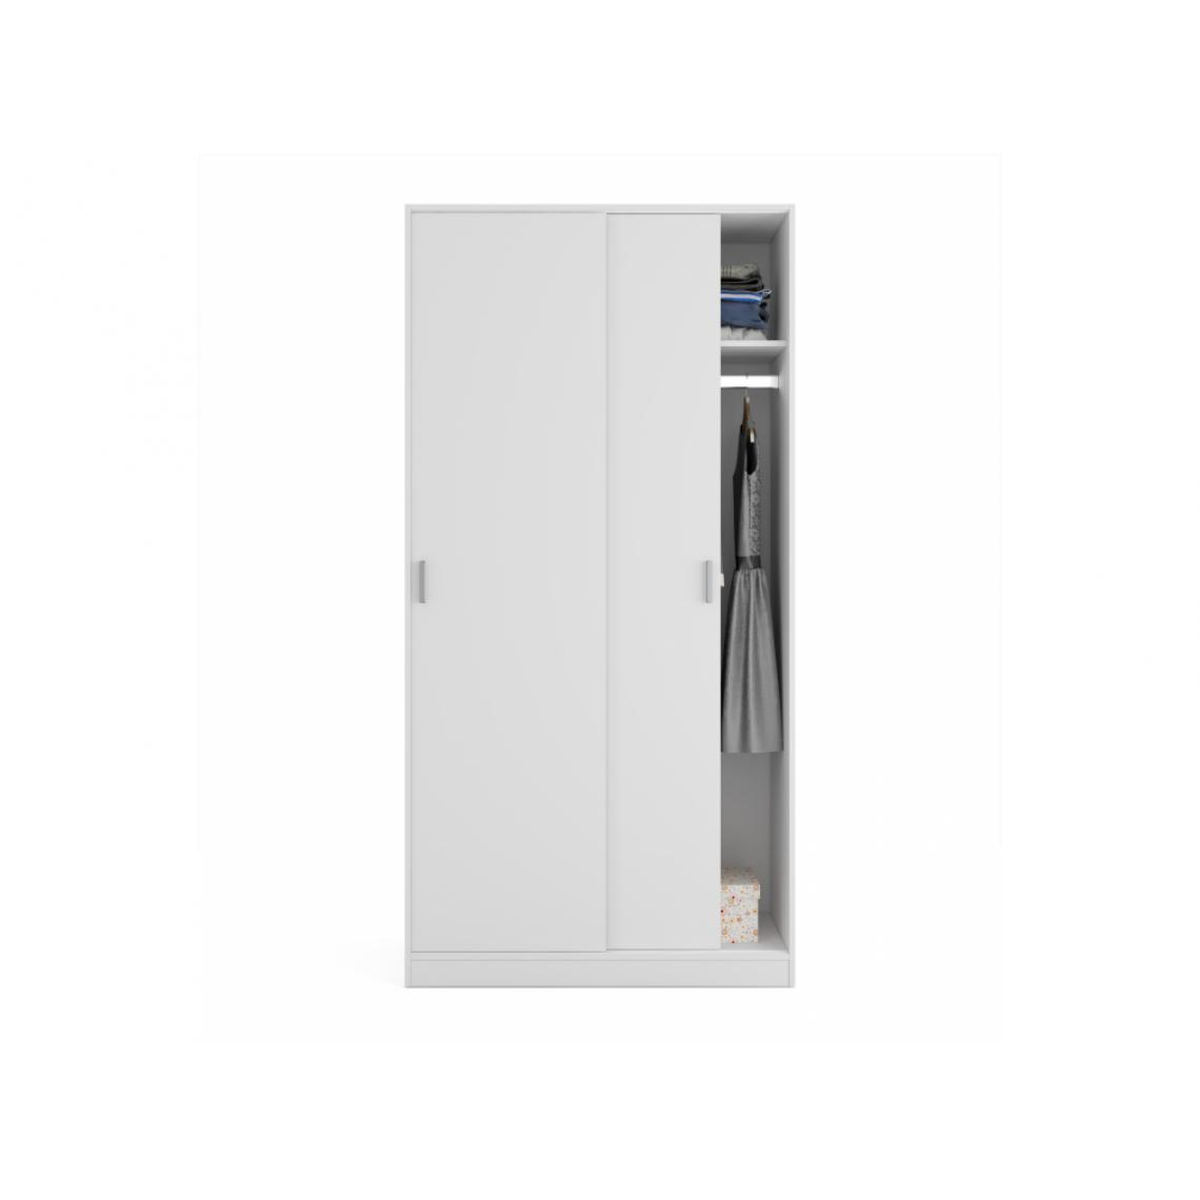 Usinestreet Armoire ENZO 2 portes coulissantes L100 x H200cm - Blanc